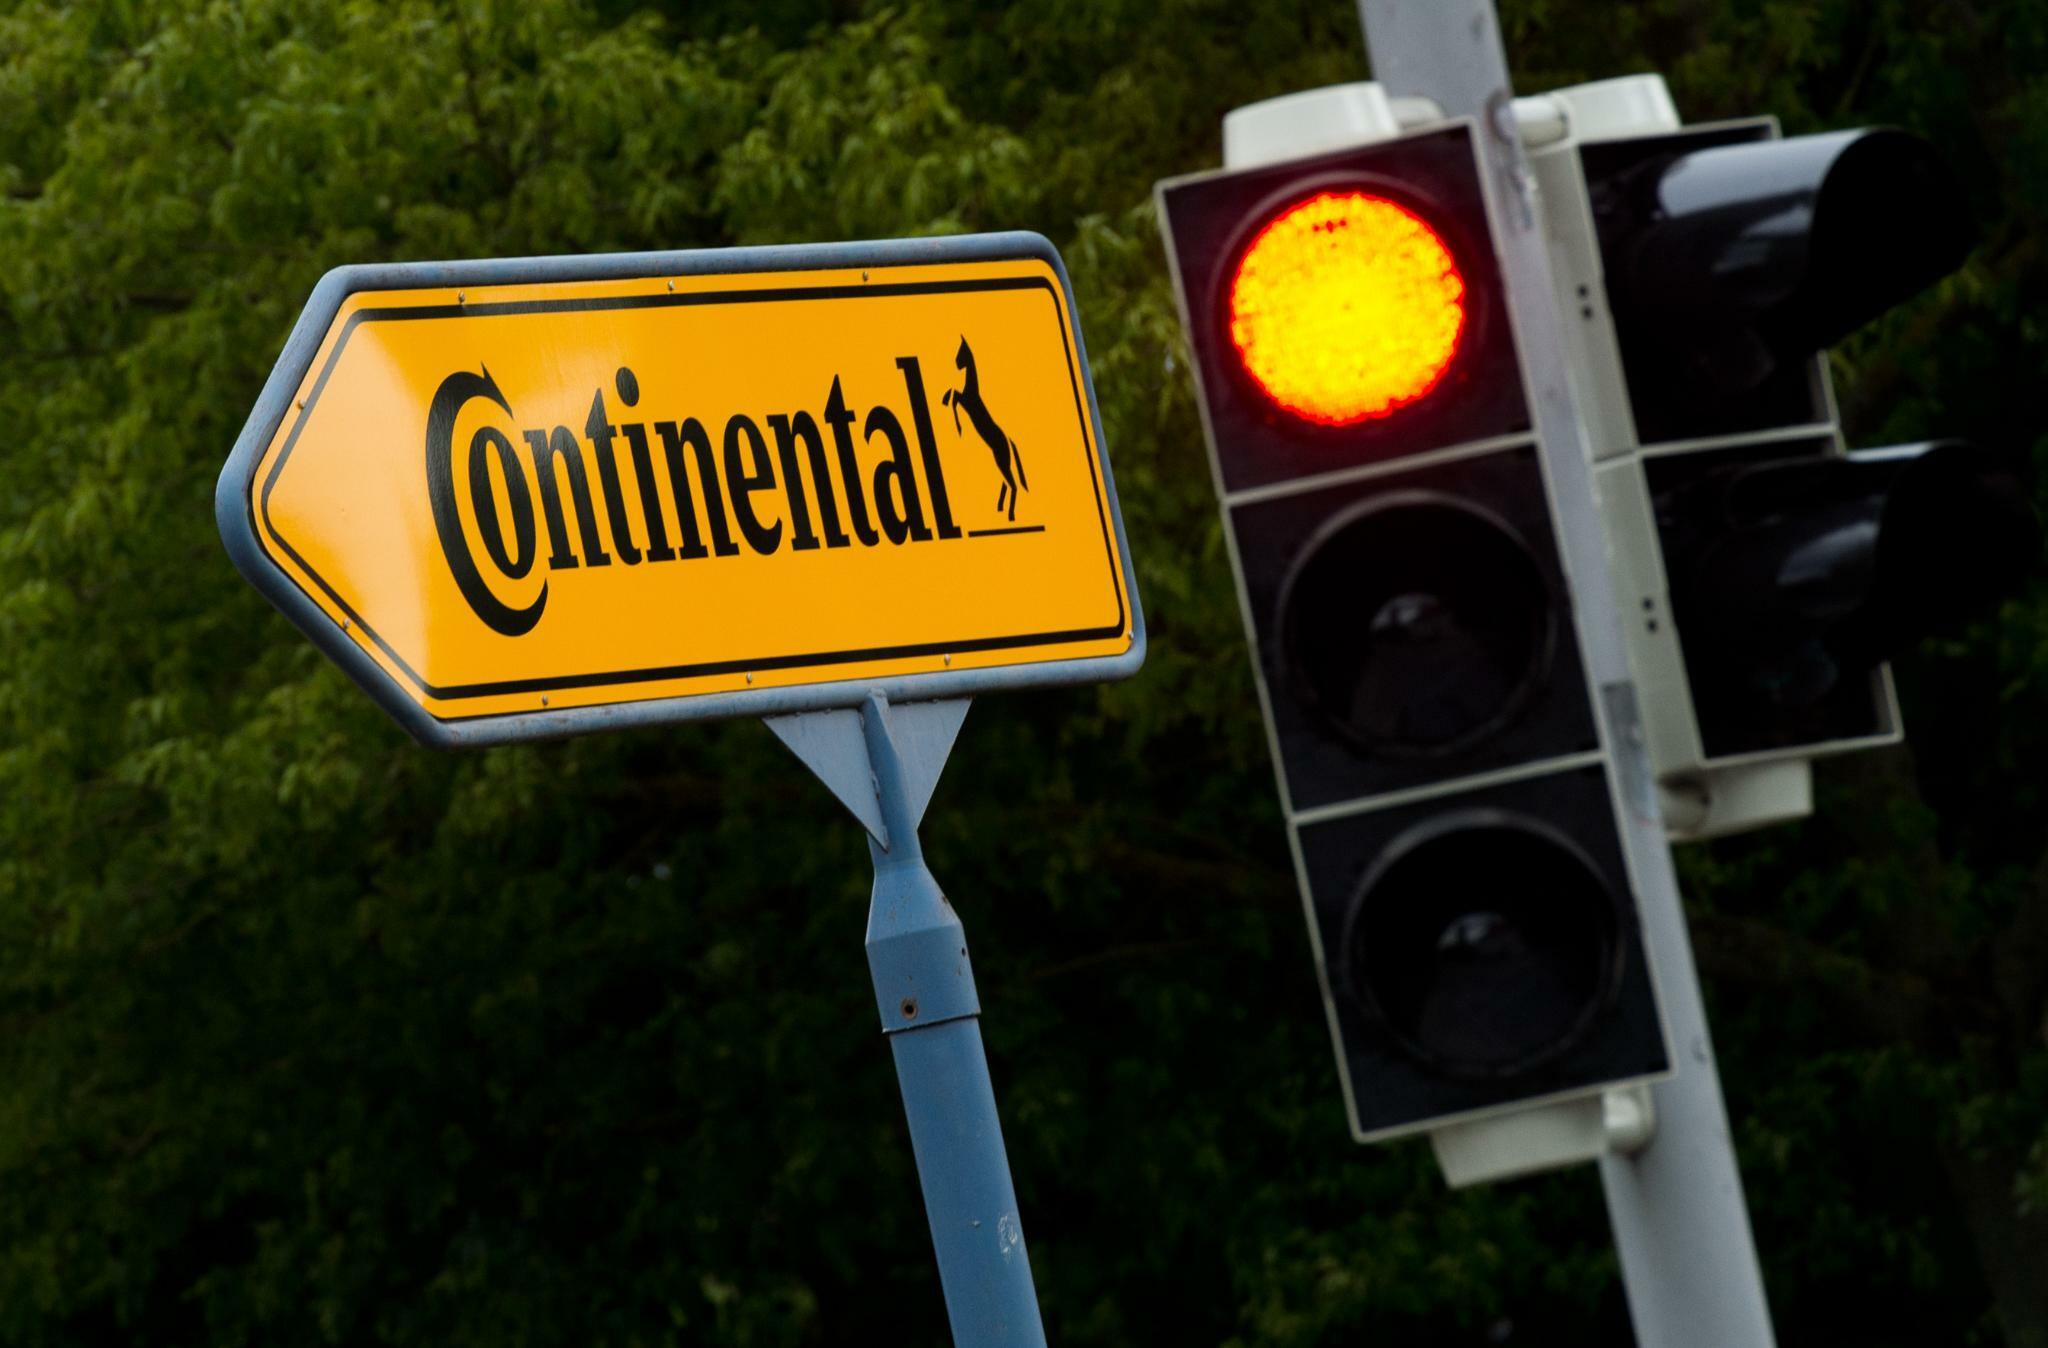 Continental: Streit um Privilegien für langjährige Mitarbeiter